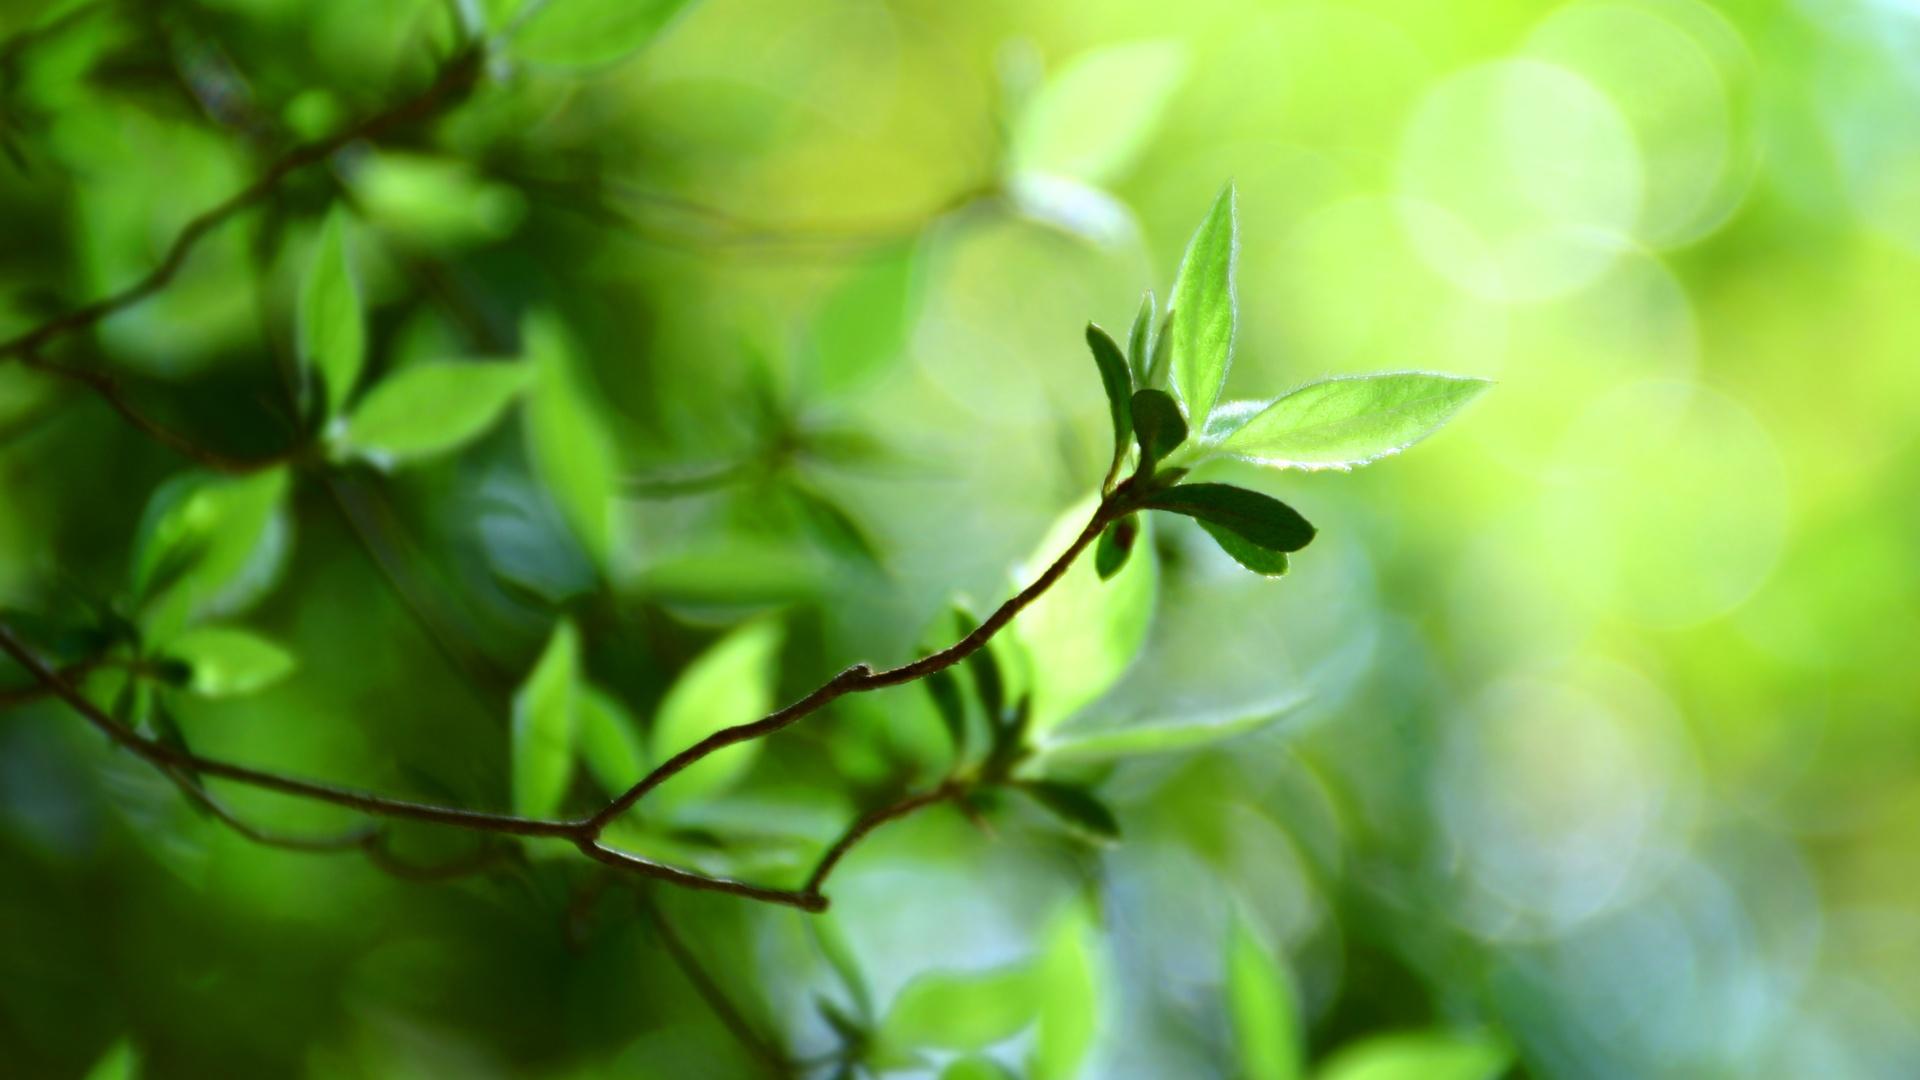 背景虚化的绿叶�...